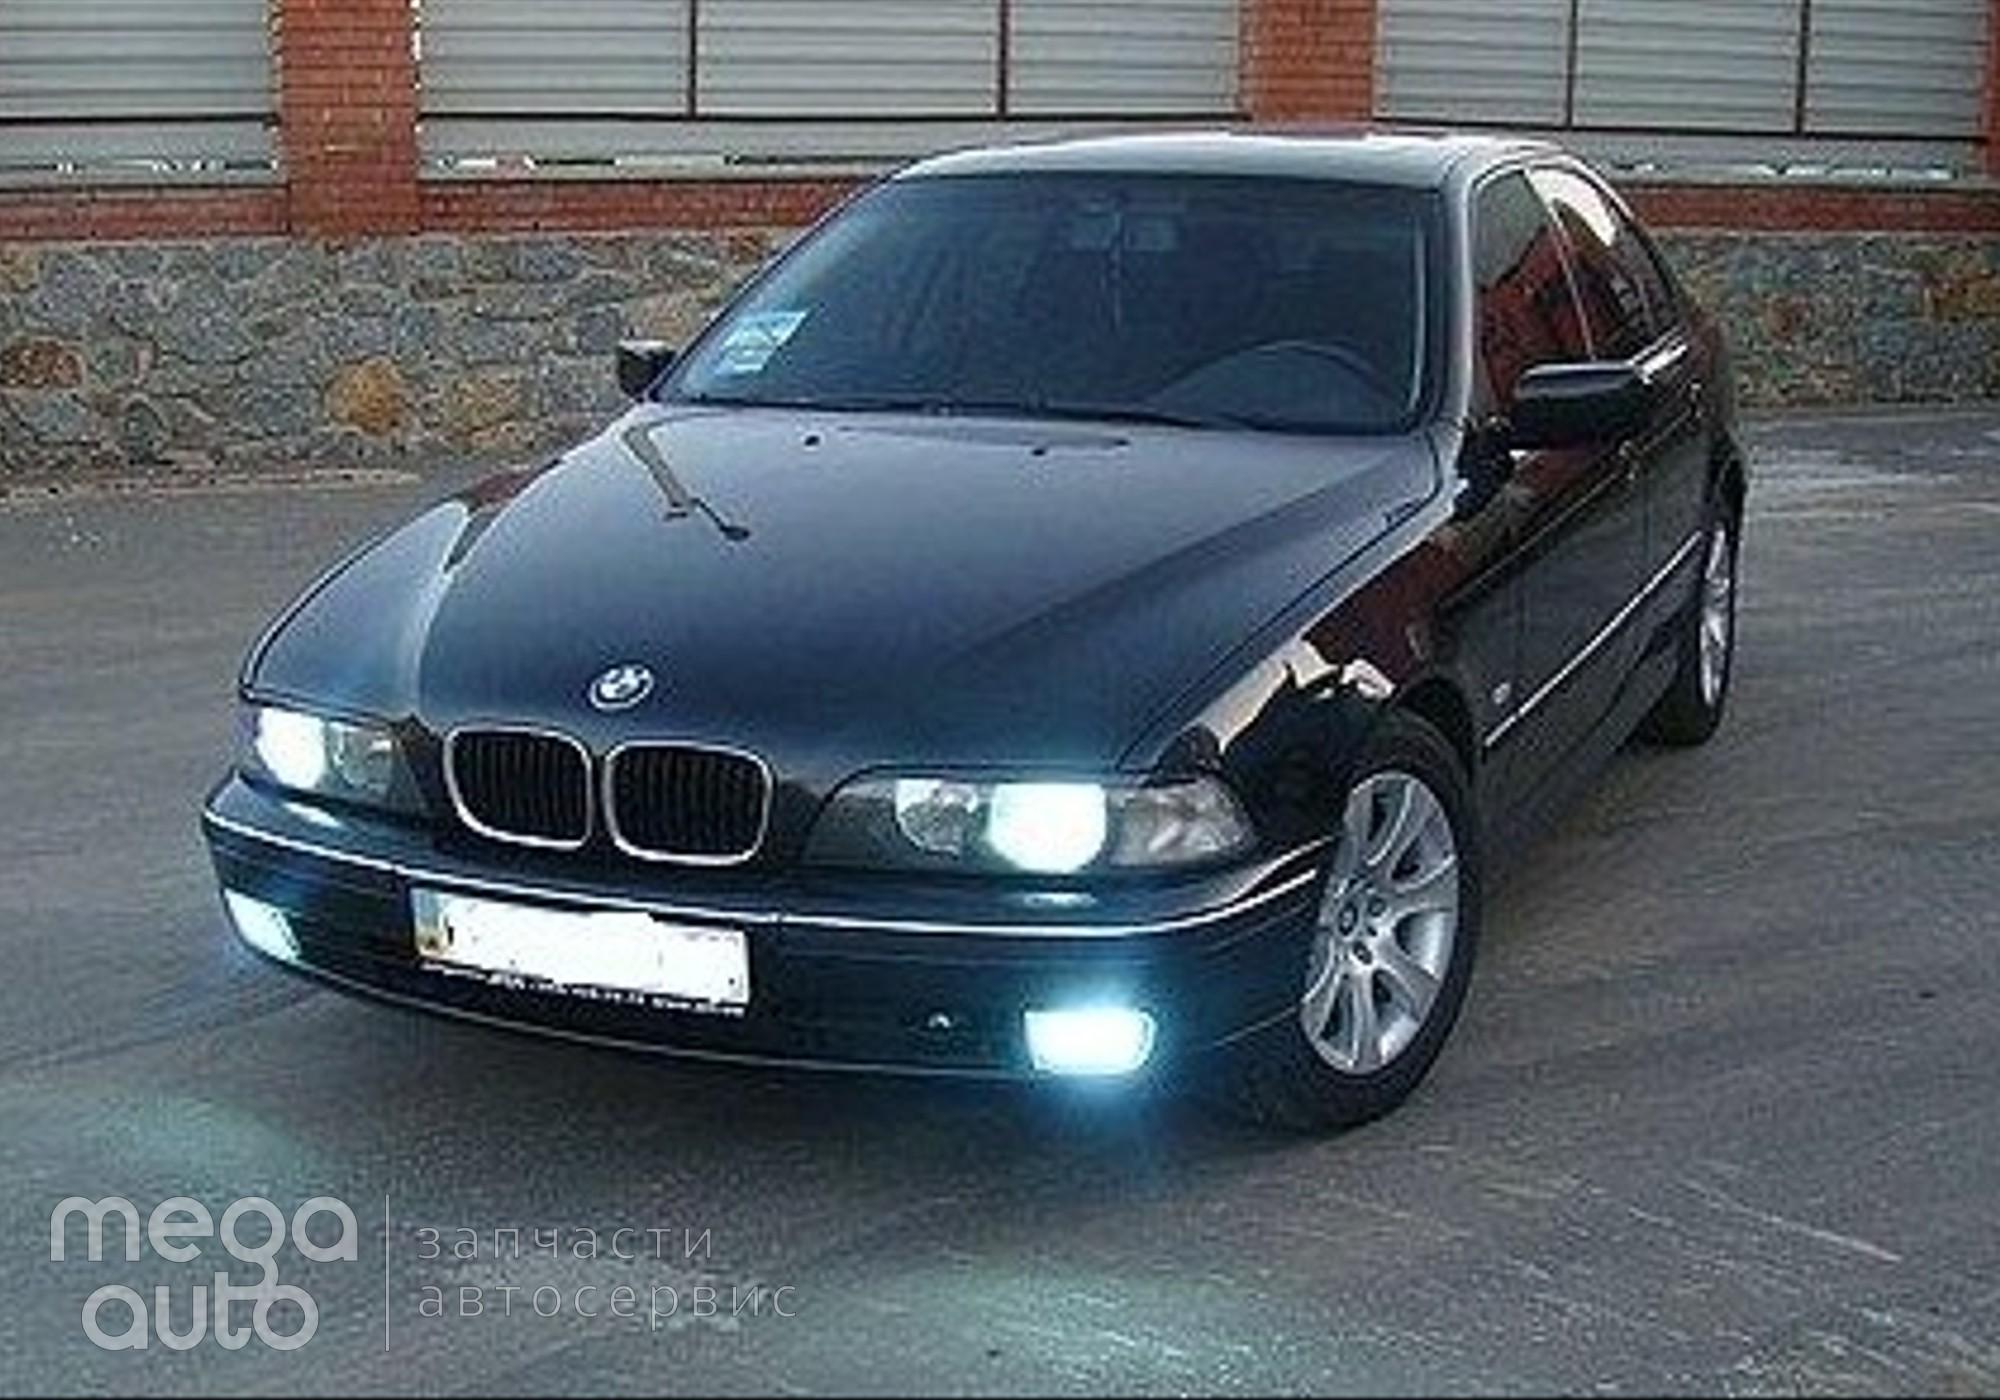 BMW 5 E39 1999 г. в разборе